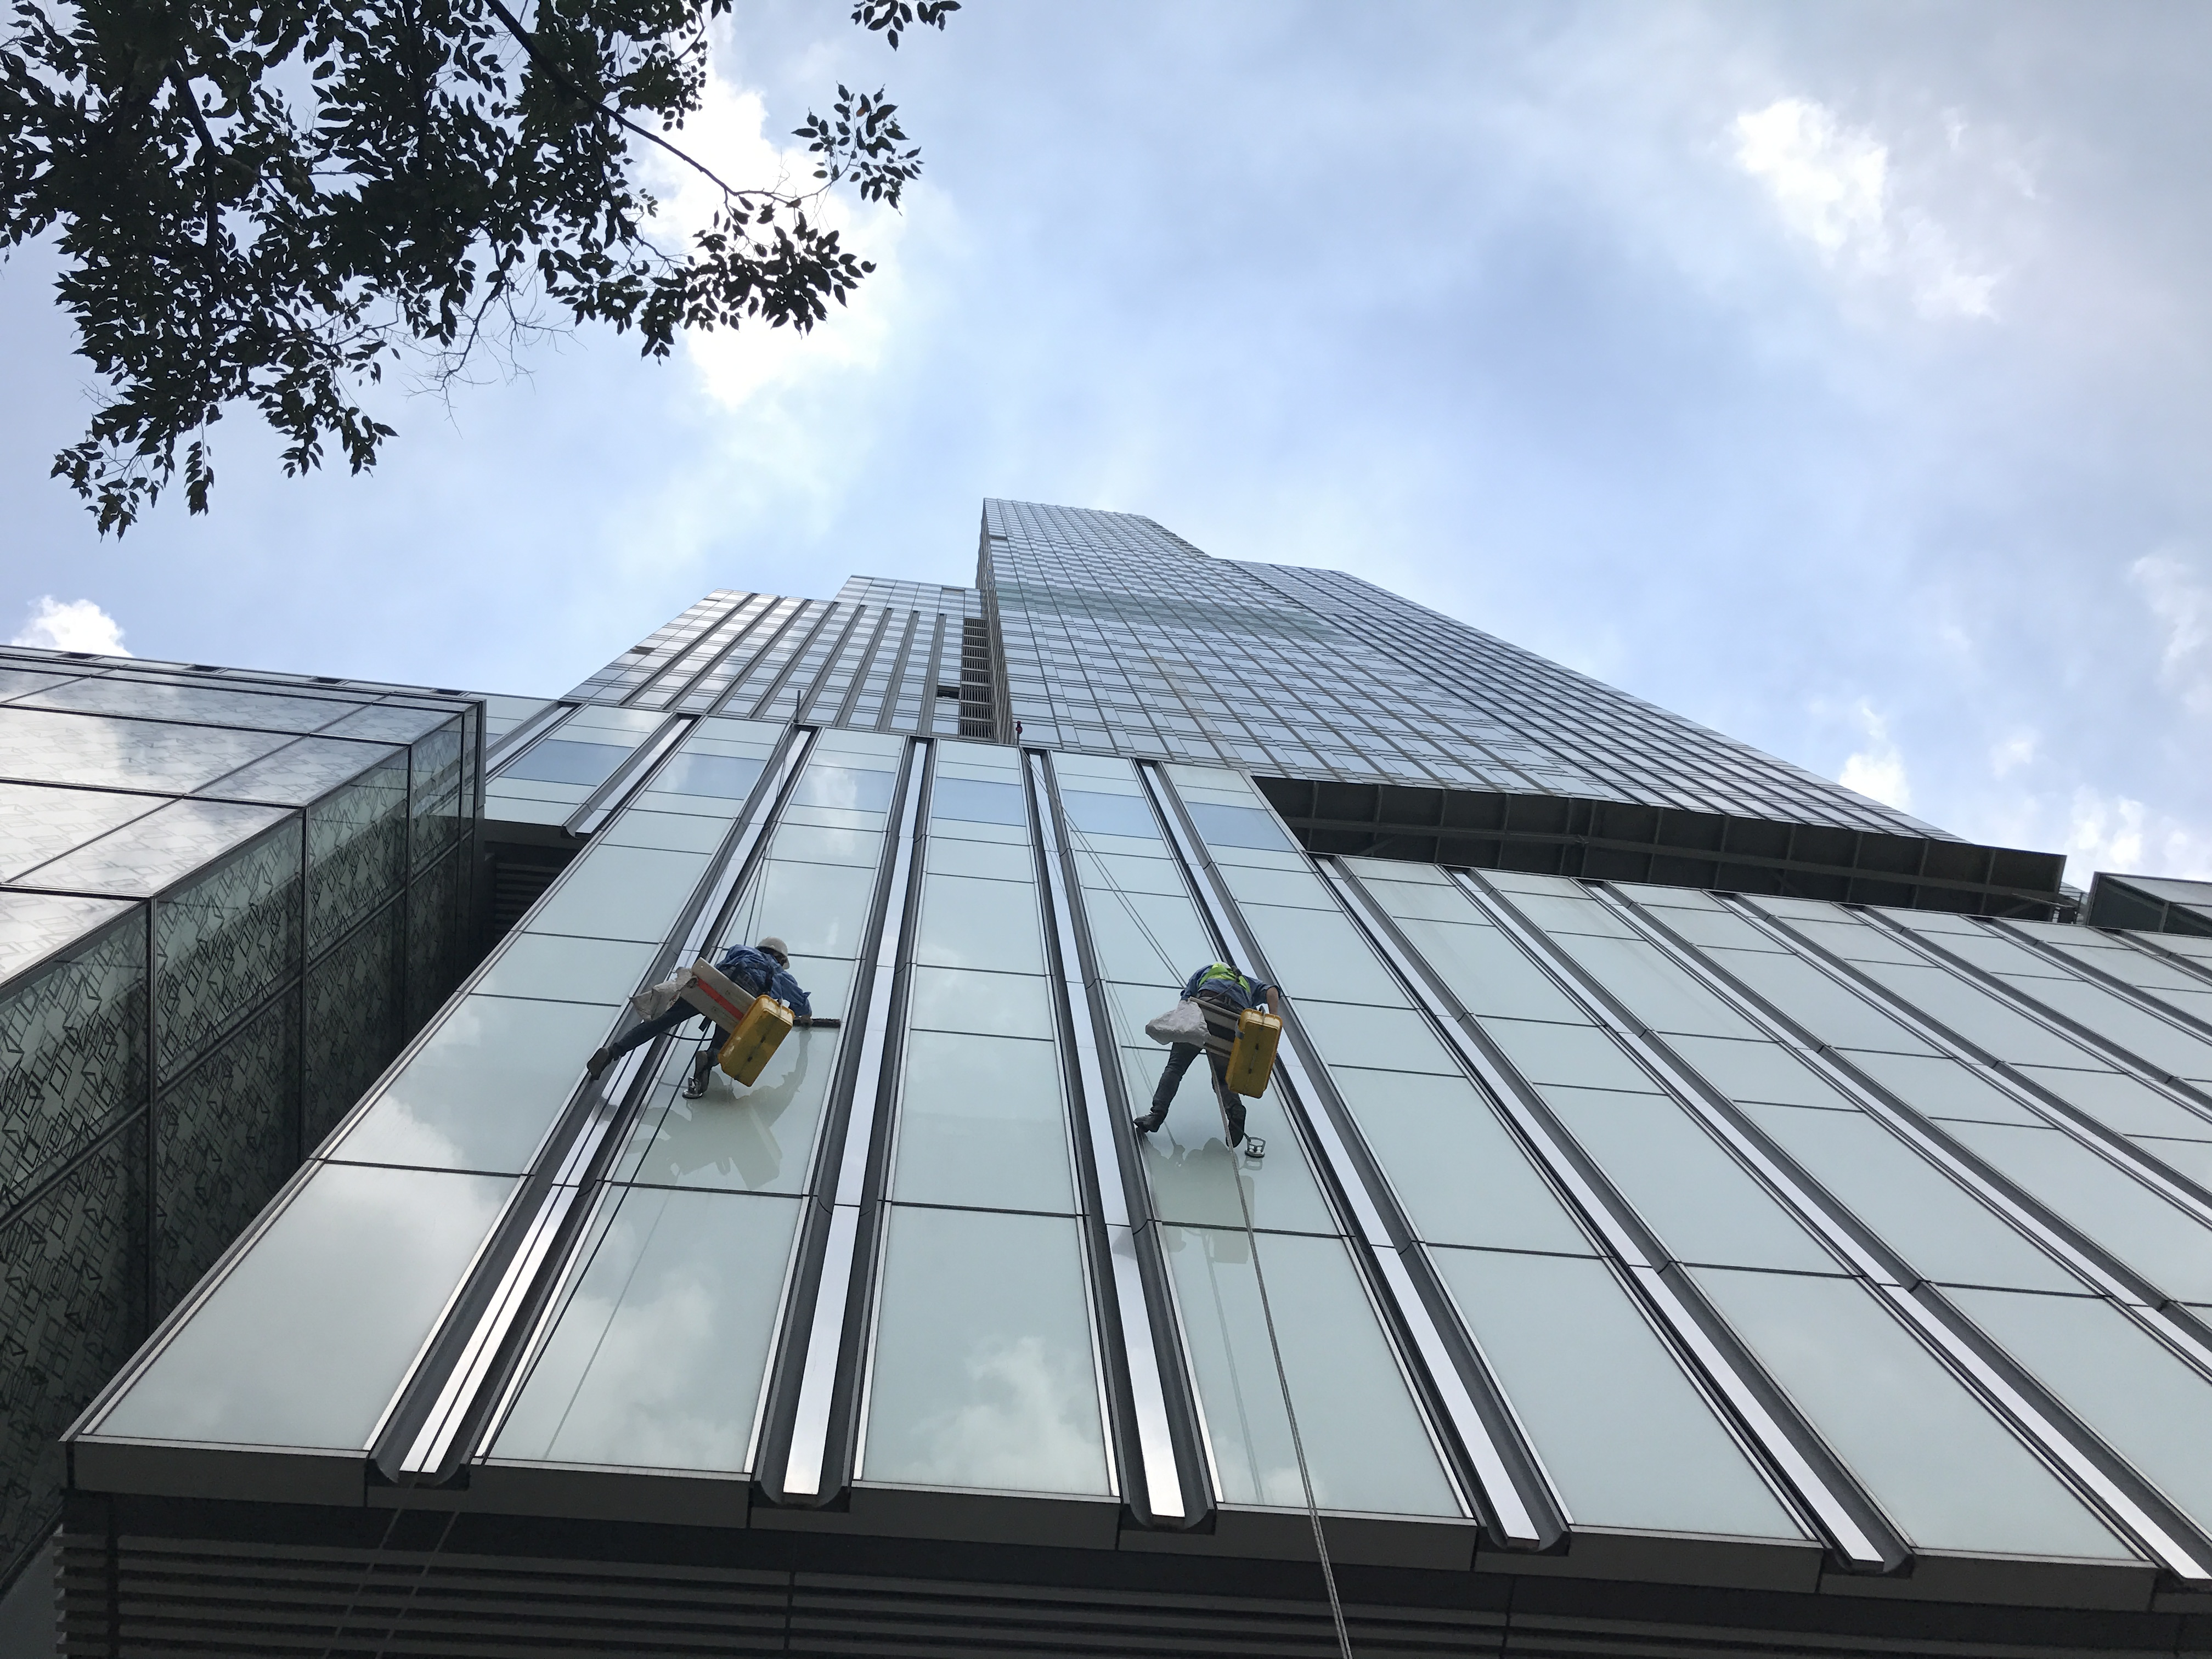 Tìm hiểu về nghề lau kính nhà cao tầng tại các Thành phố lớn hiện nay như thế nào?